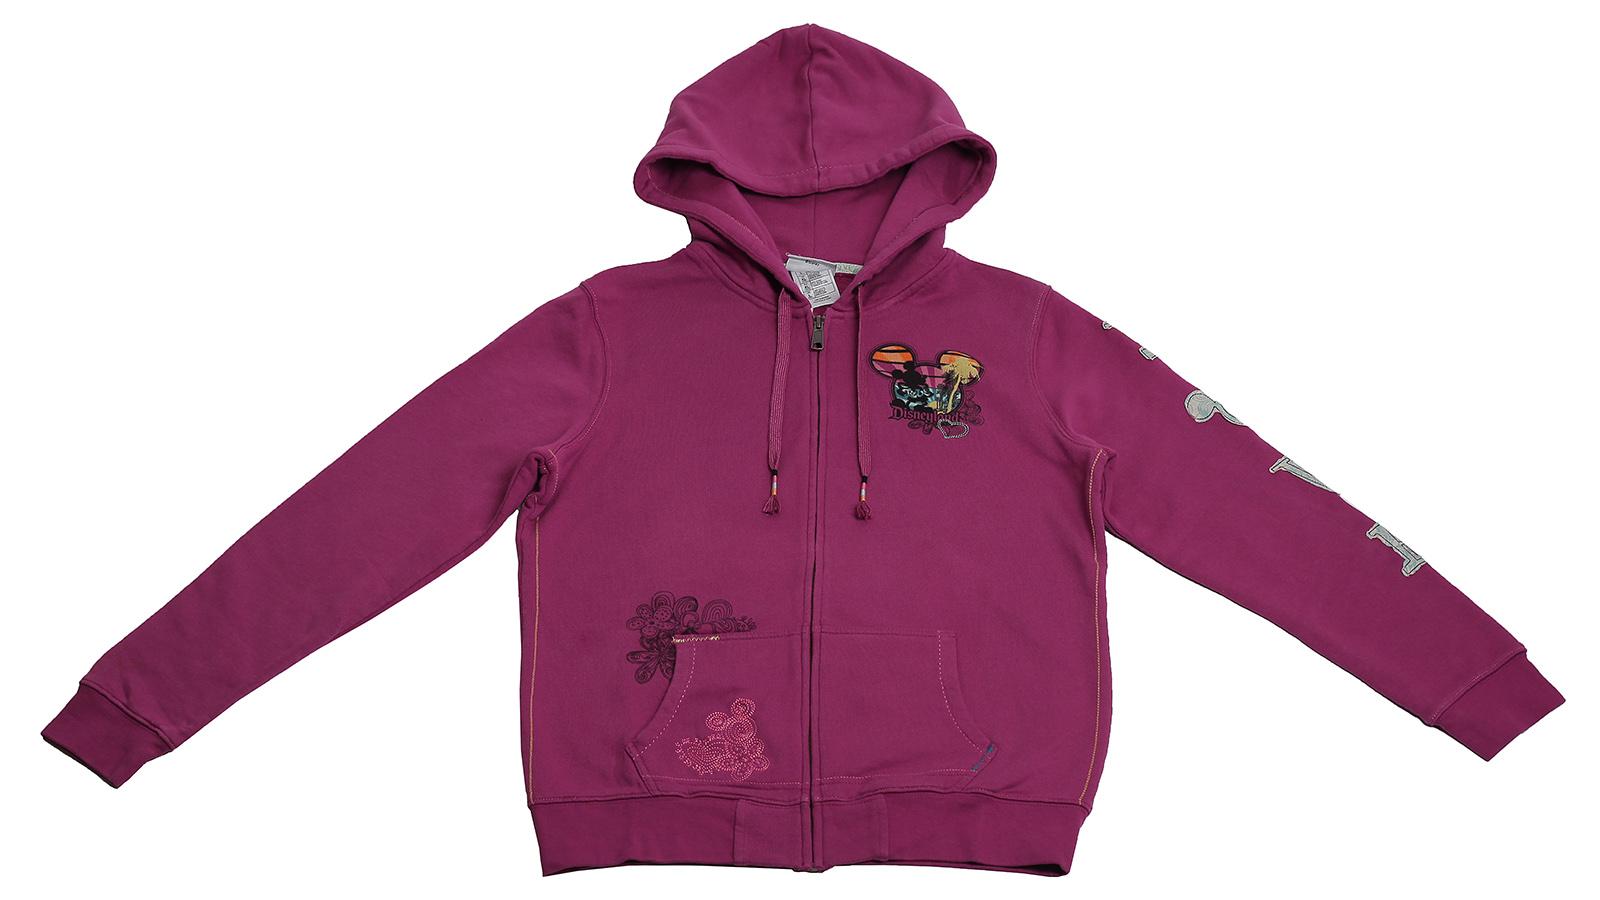 Великолепное брендовое худи с изумительной вышивкой и логотипом Disney